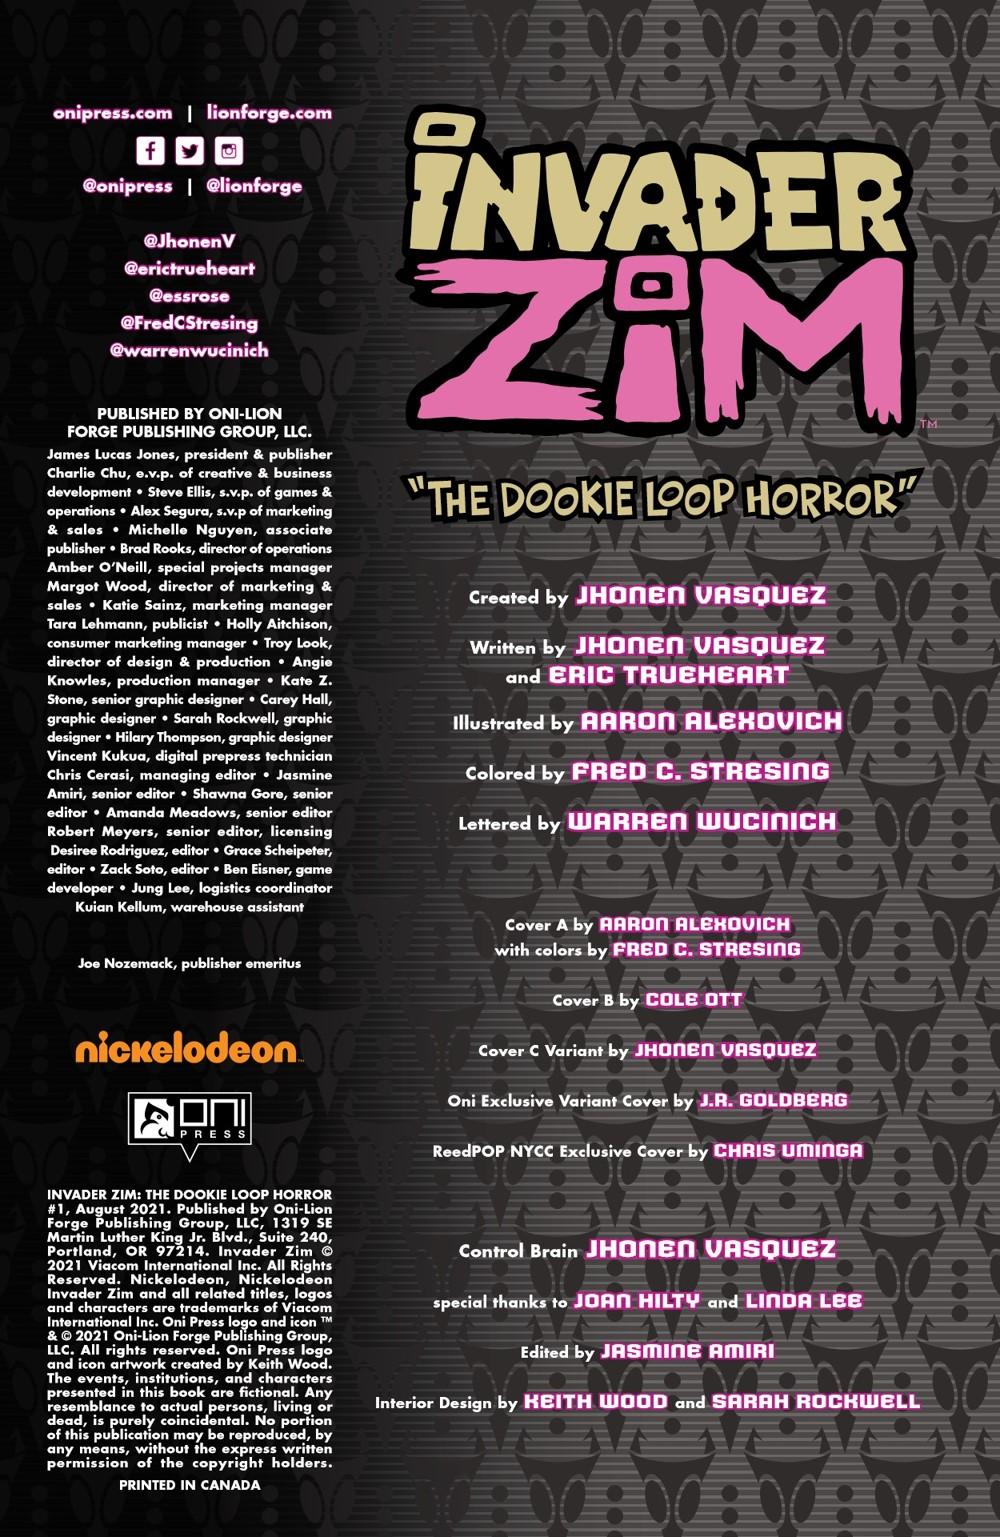 INVADERZIM-DOOKIE-LOOP-HORROR-MARKETING-06 ComicList Previews: INVADER ZIM THE DOOKIE LOOP HORROR #1